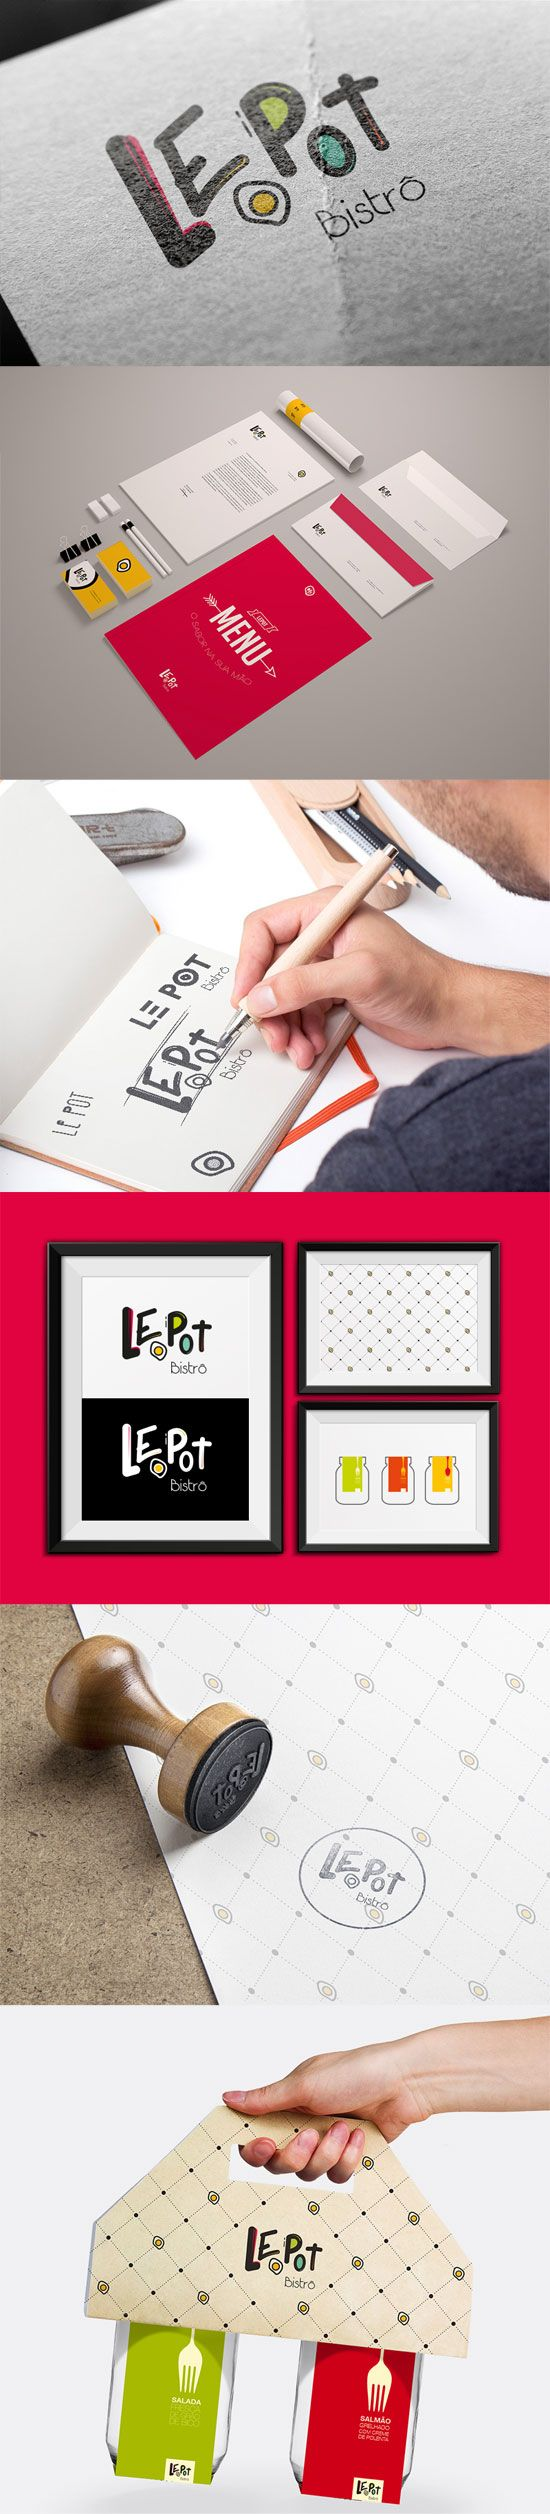 LePot Bistrô by Salada Comunicação e Design.